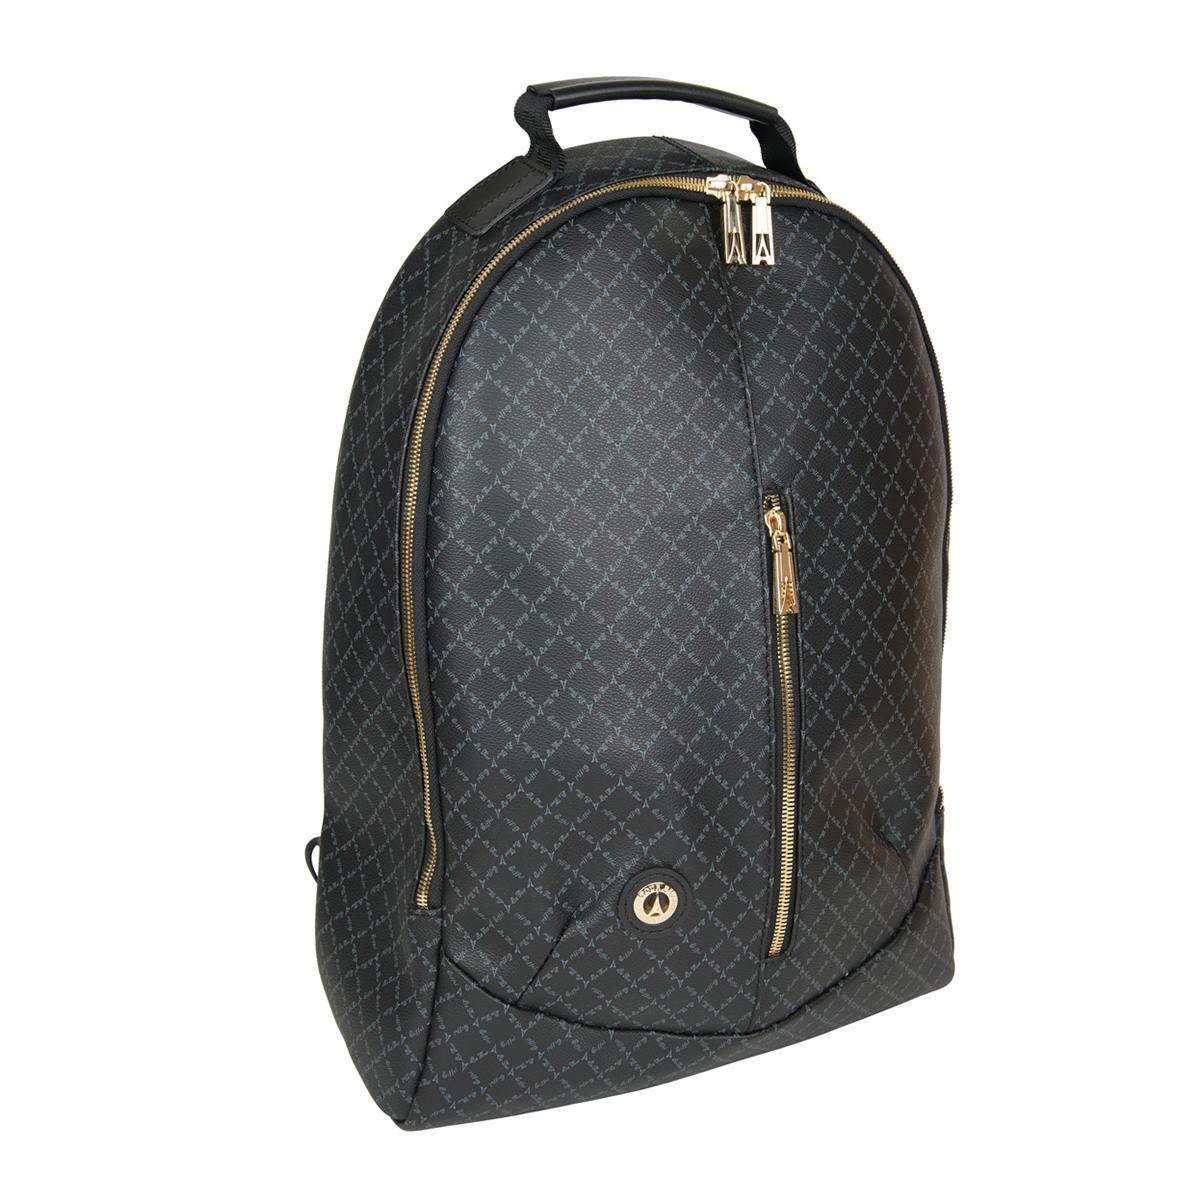 Bagsin-Eiffel-171-301-12-01-Black